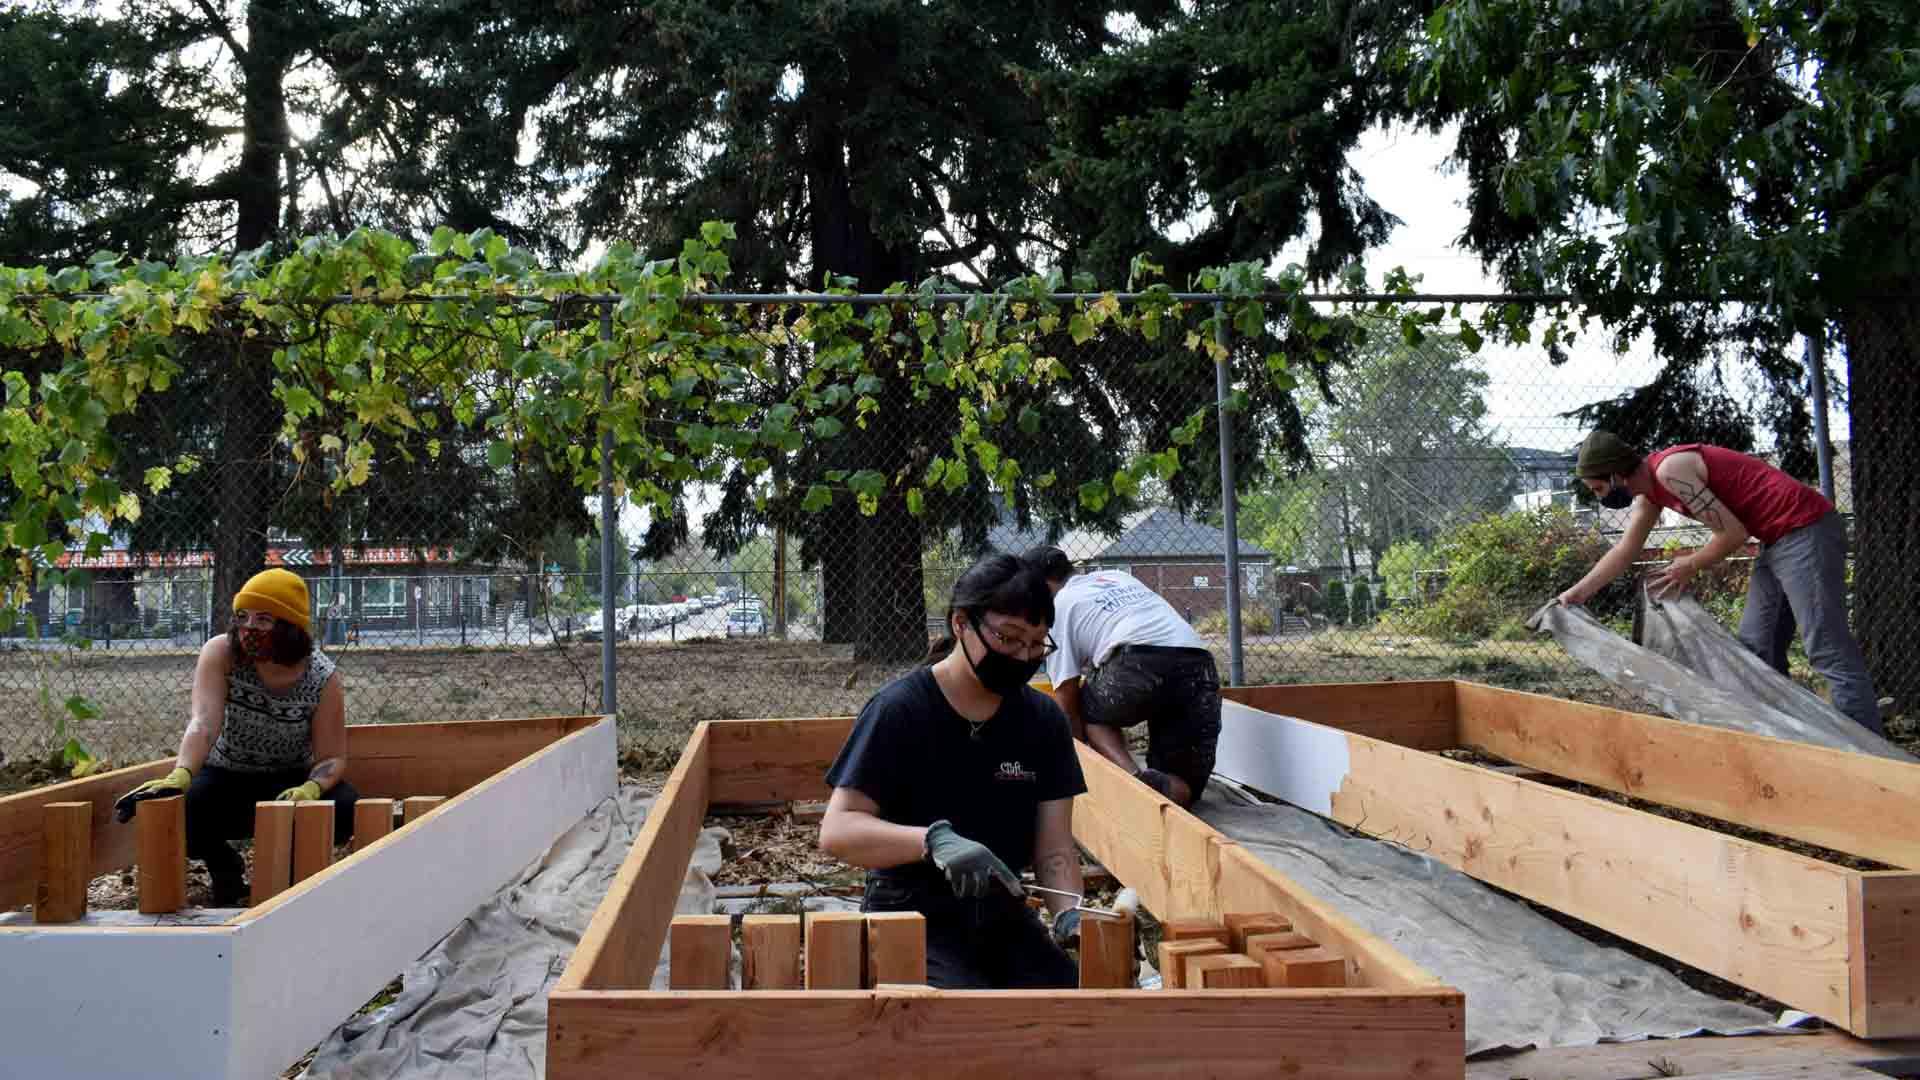 Volunteers construct beds in a community garden